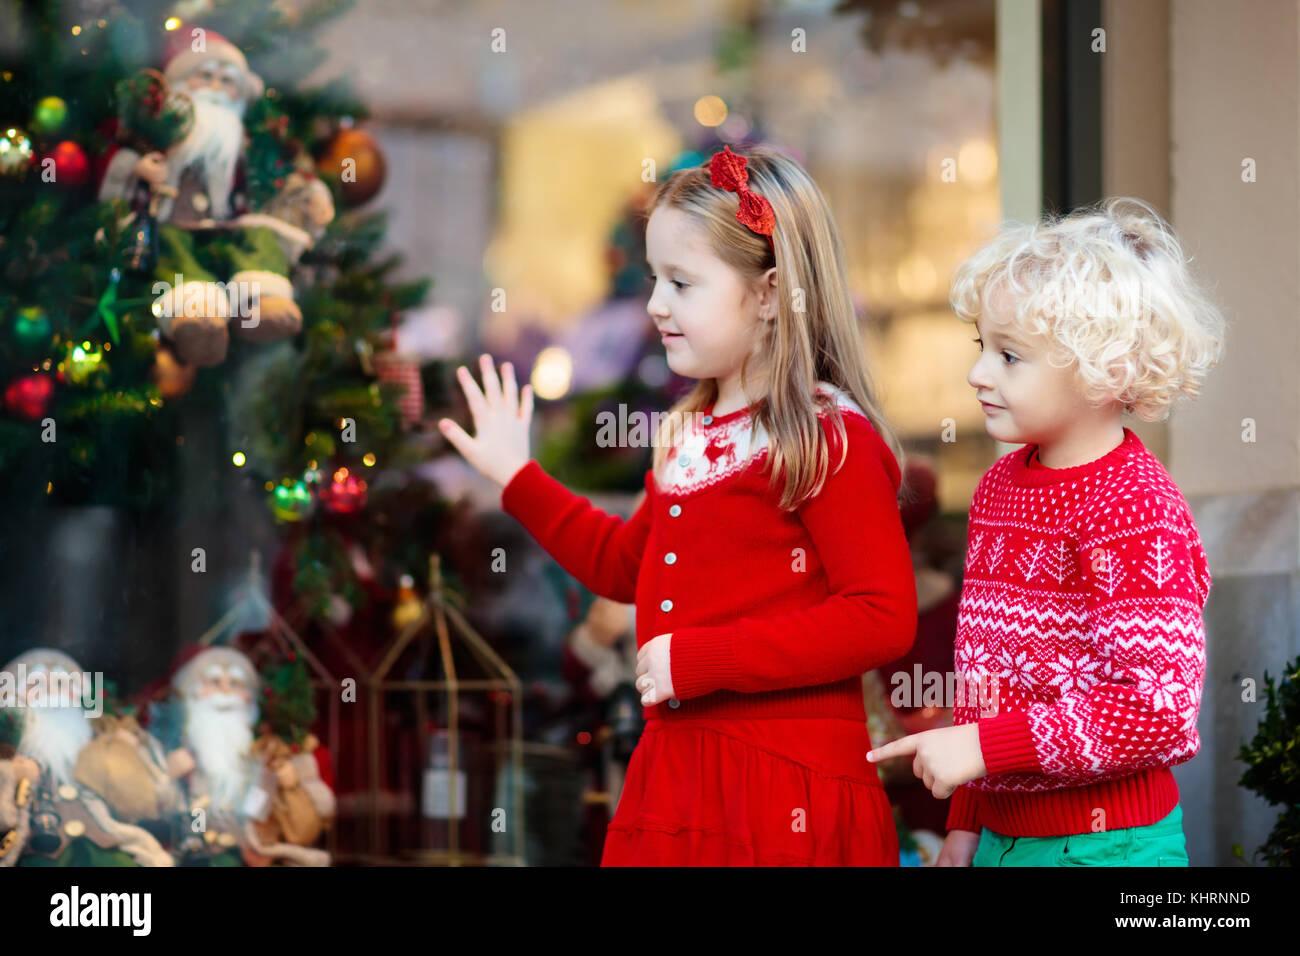 Kinder Einkaufen für Weihnachtsgeschenke. Kinder kaufen Weihnachten ...